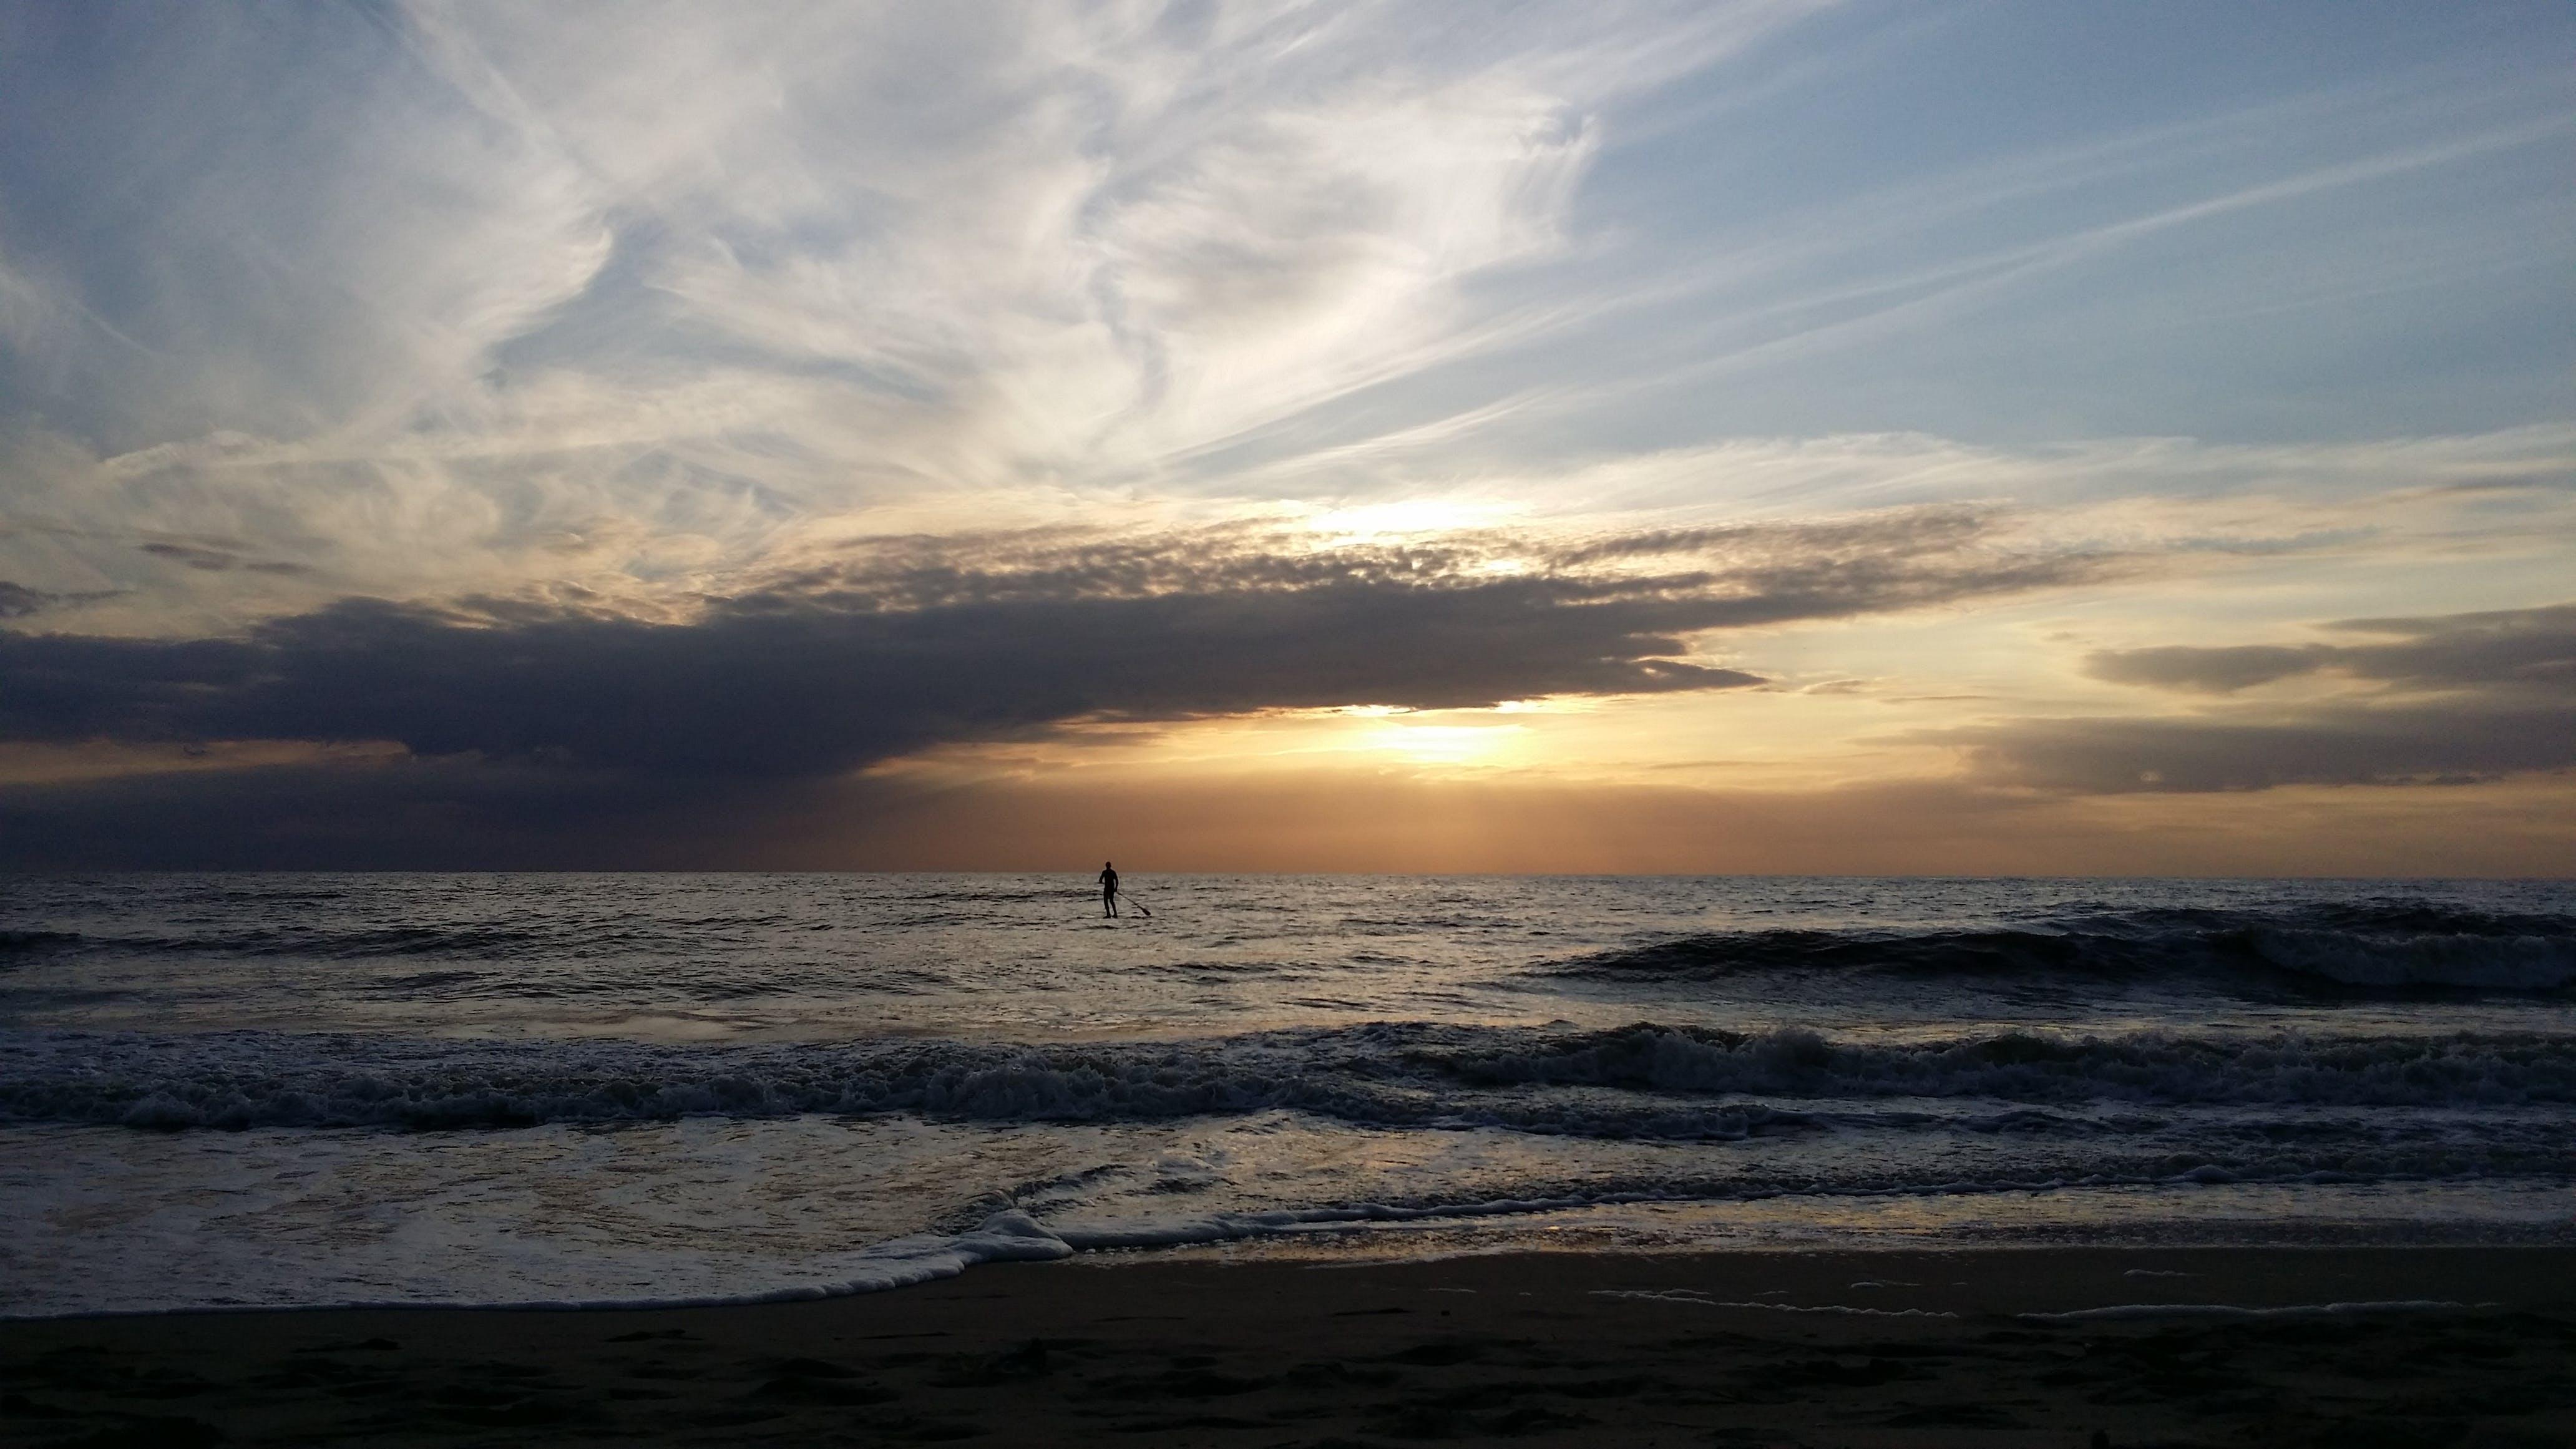 Kostenloses Stock Foto zu himmel, niederlande, romantisch, sommer